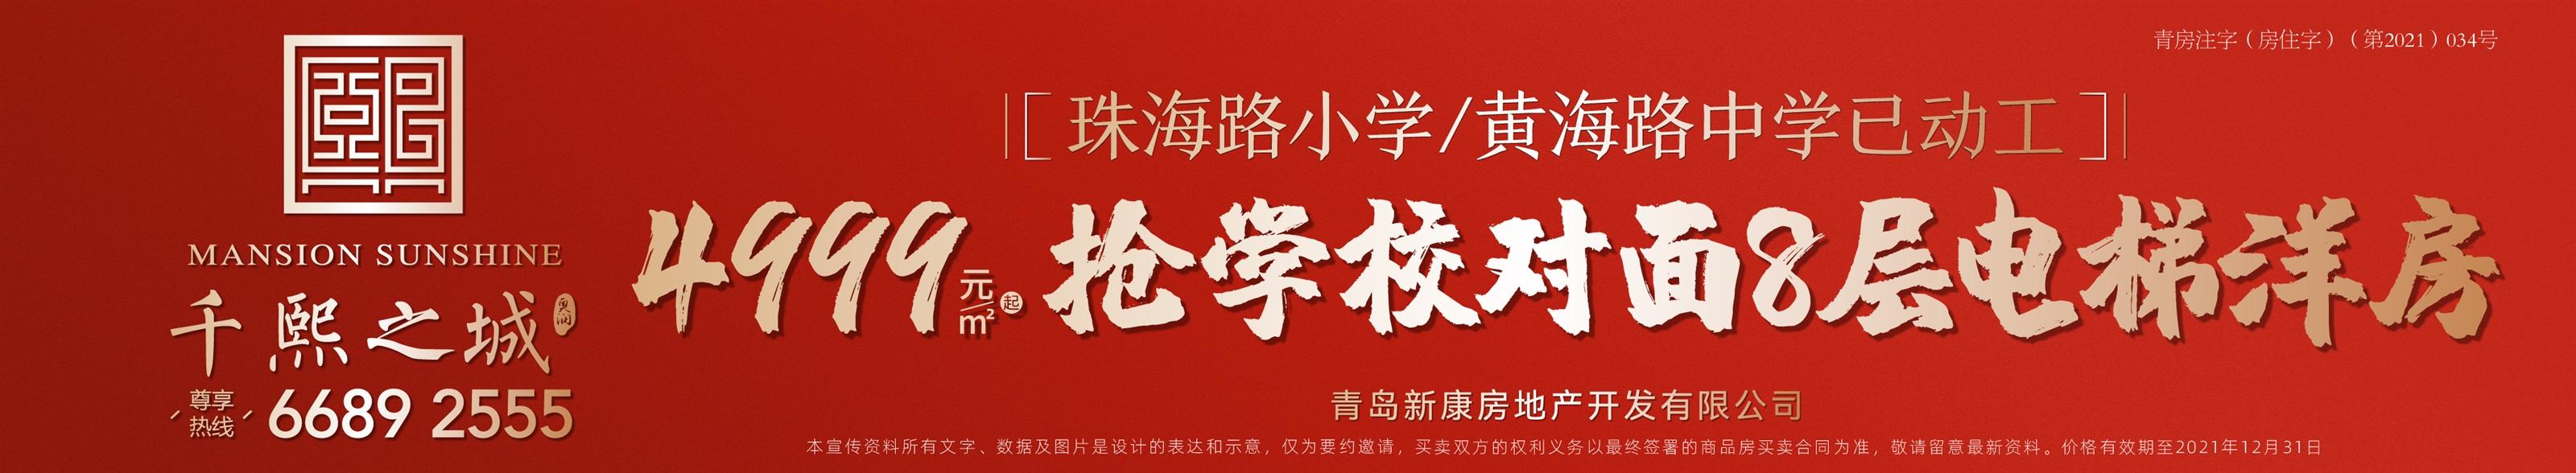 奥润千熙之城